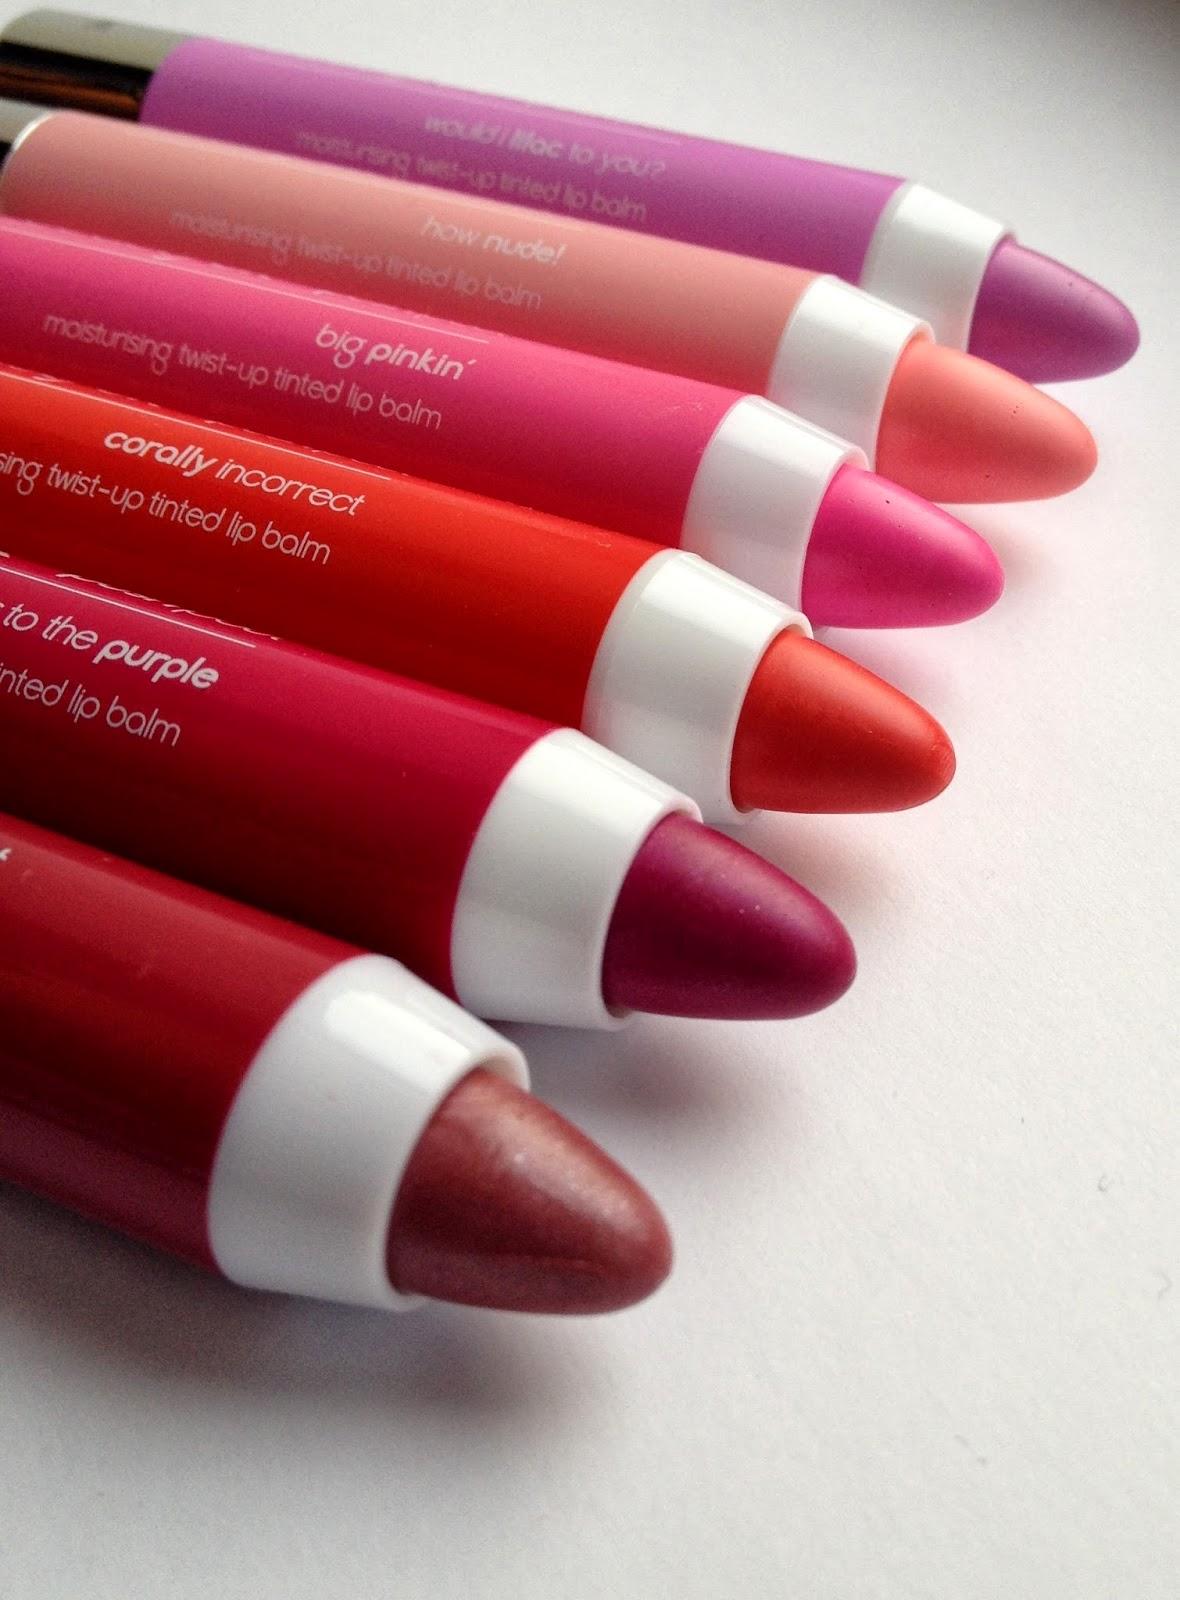 beauty-uk-posh-pout-lip-balm